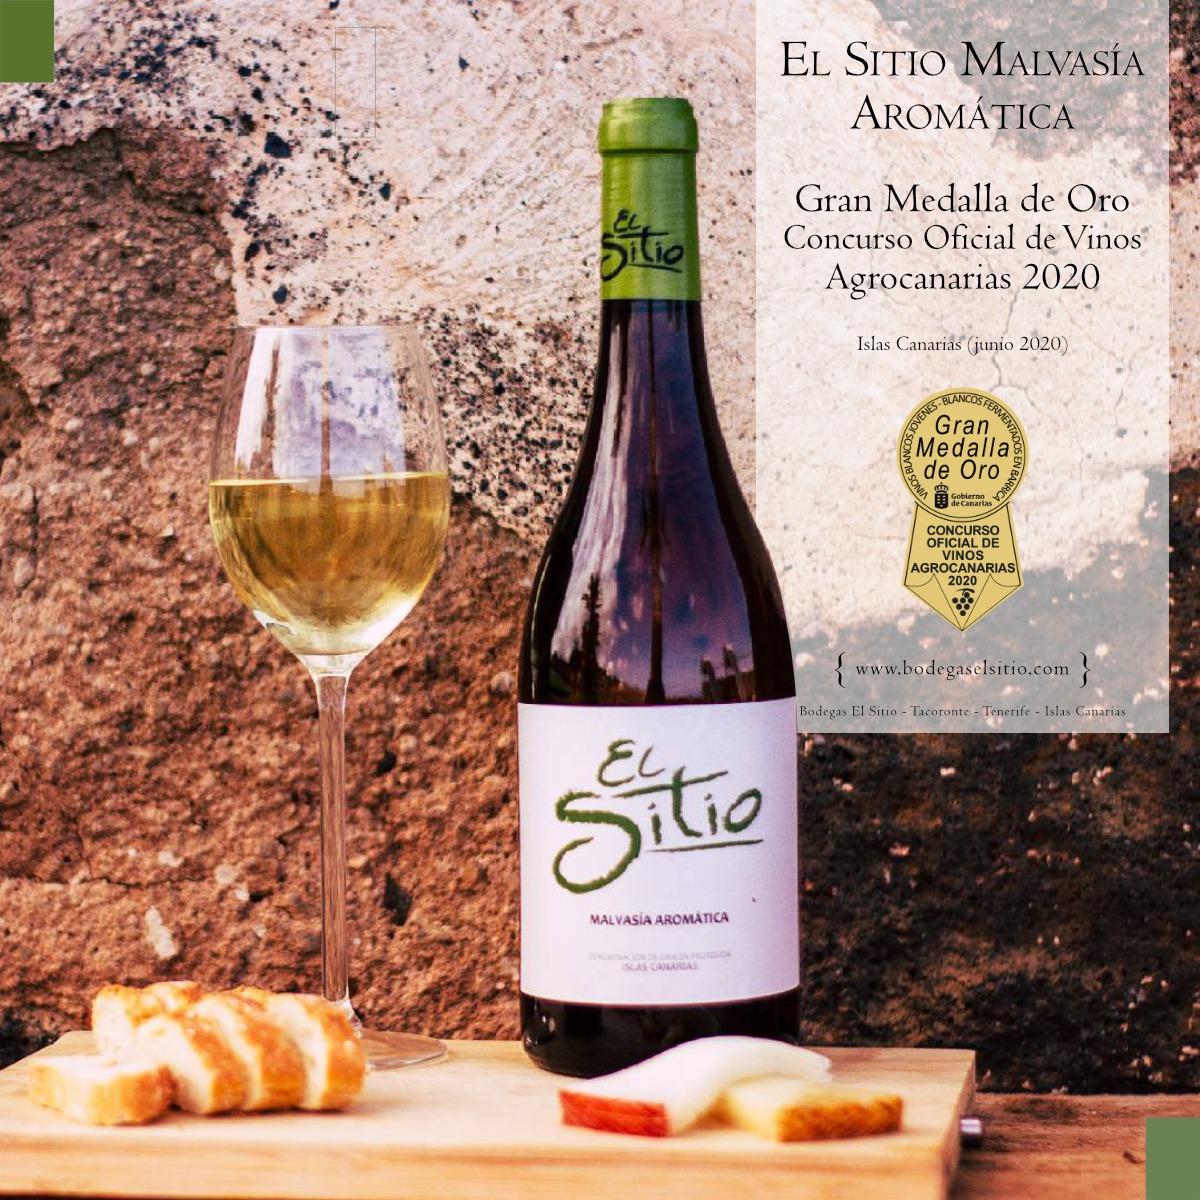 El Malvasía Aromático de Bodegas El Sitio se lleva una Gran Medalla de Oro en el Concurso Oficial de Vinos Agrocanarias 2020